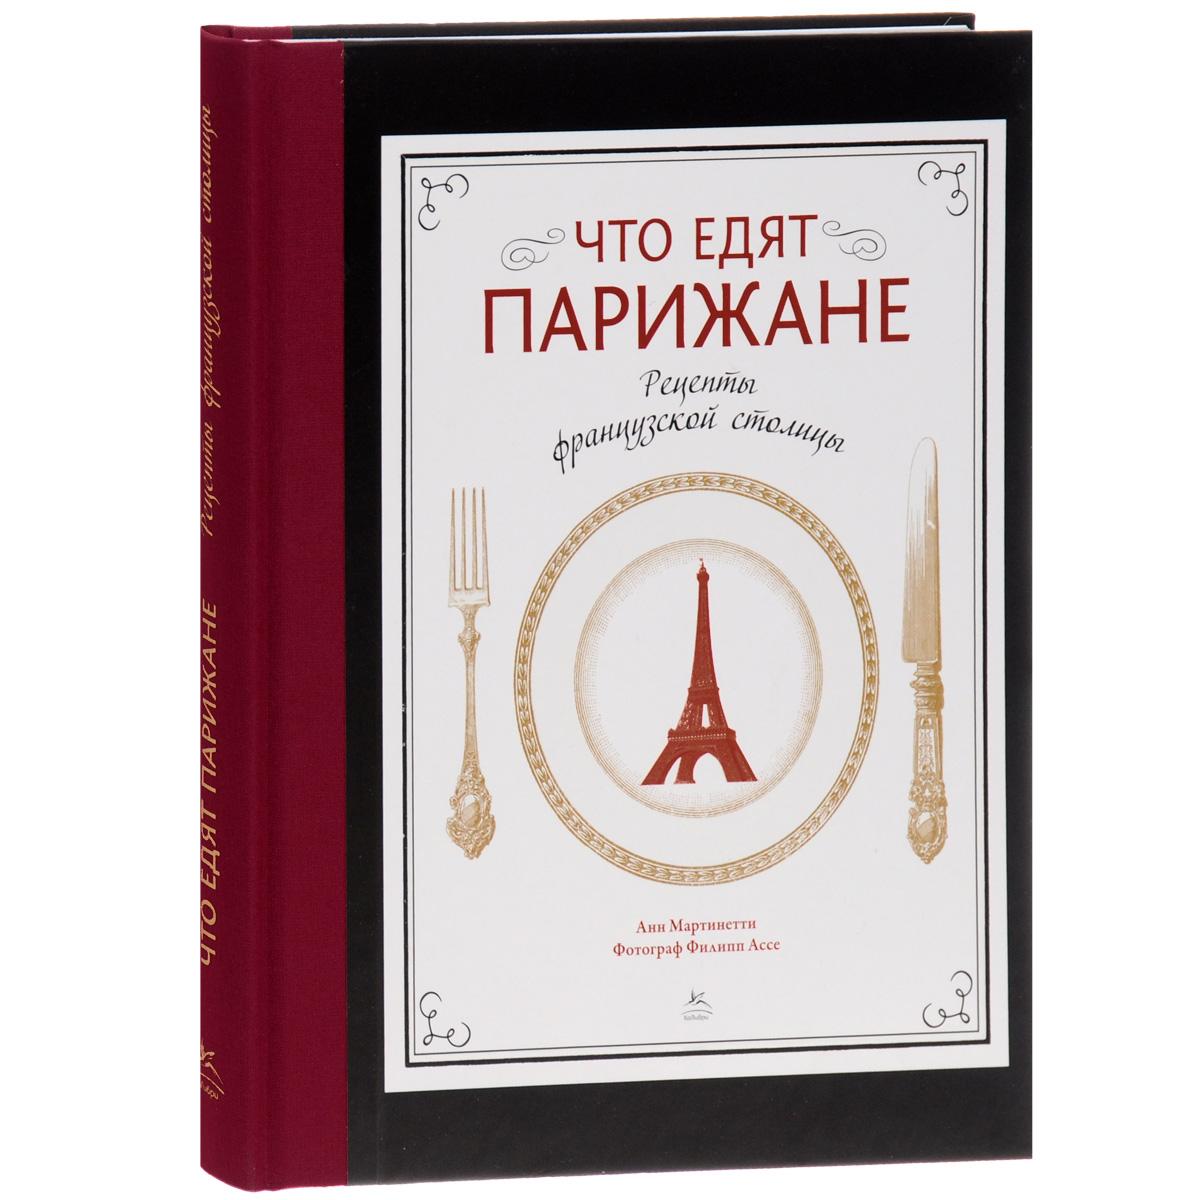 Анн Мартинетти Что едят парижане. Рецепты французской столицы парижане история приключений в париже